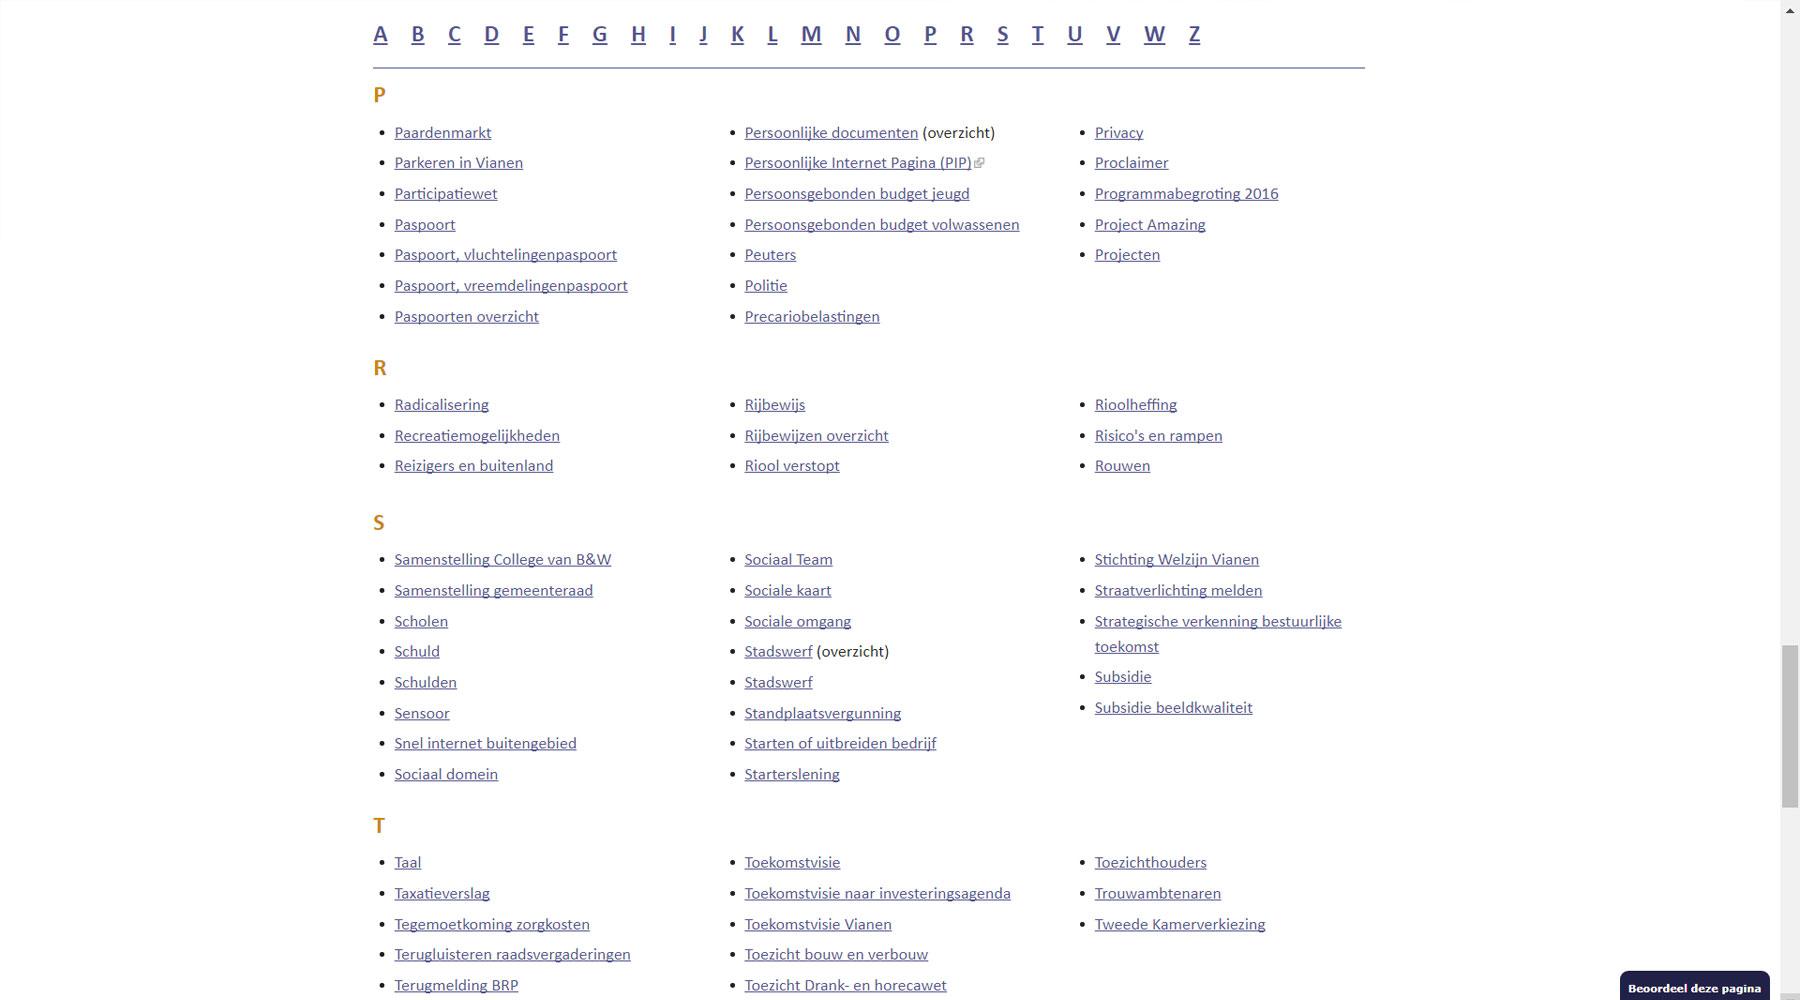 A-Z index als één van de uitgangspunten Toptaken website